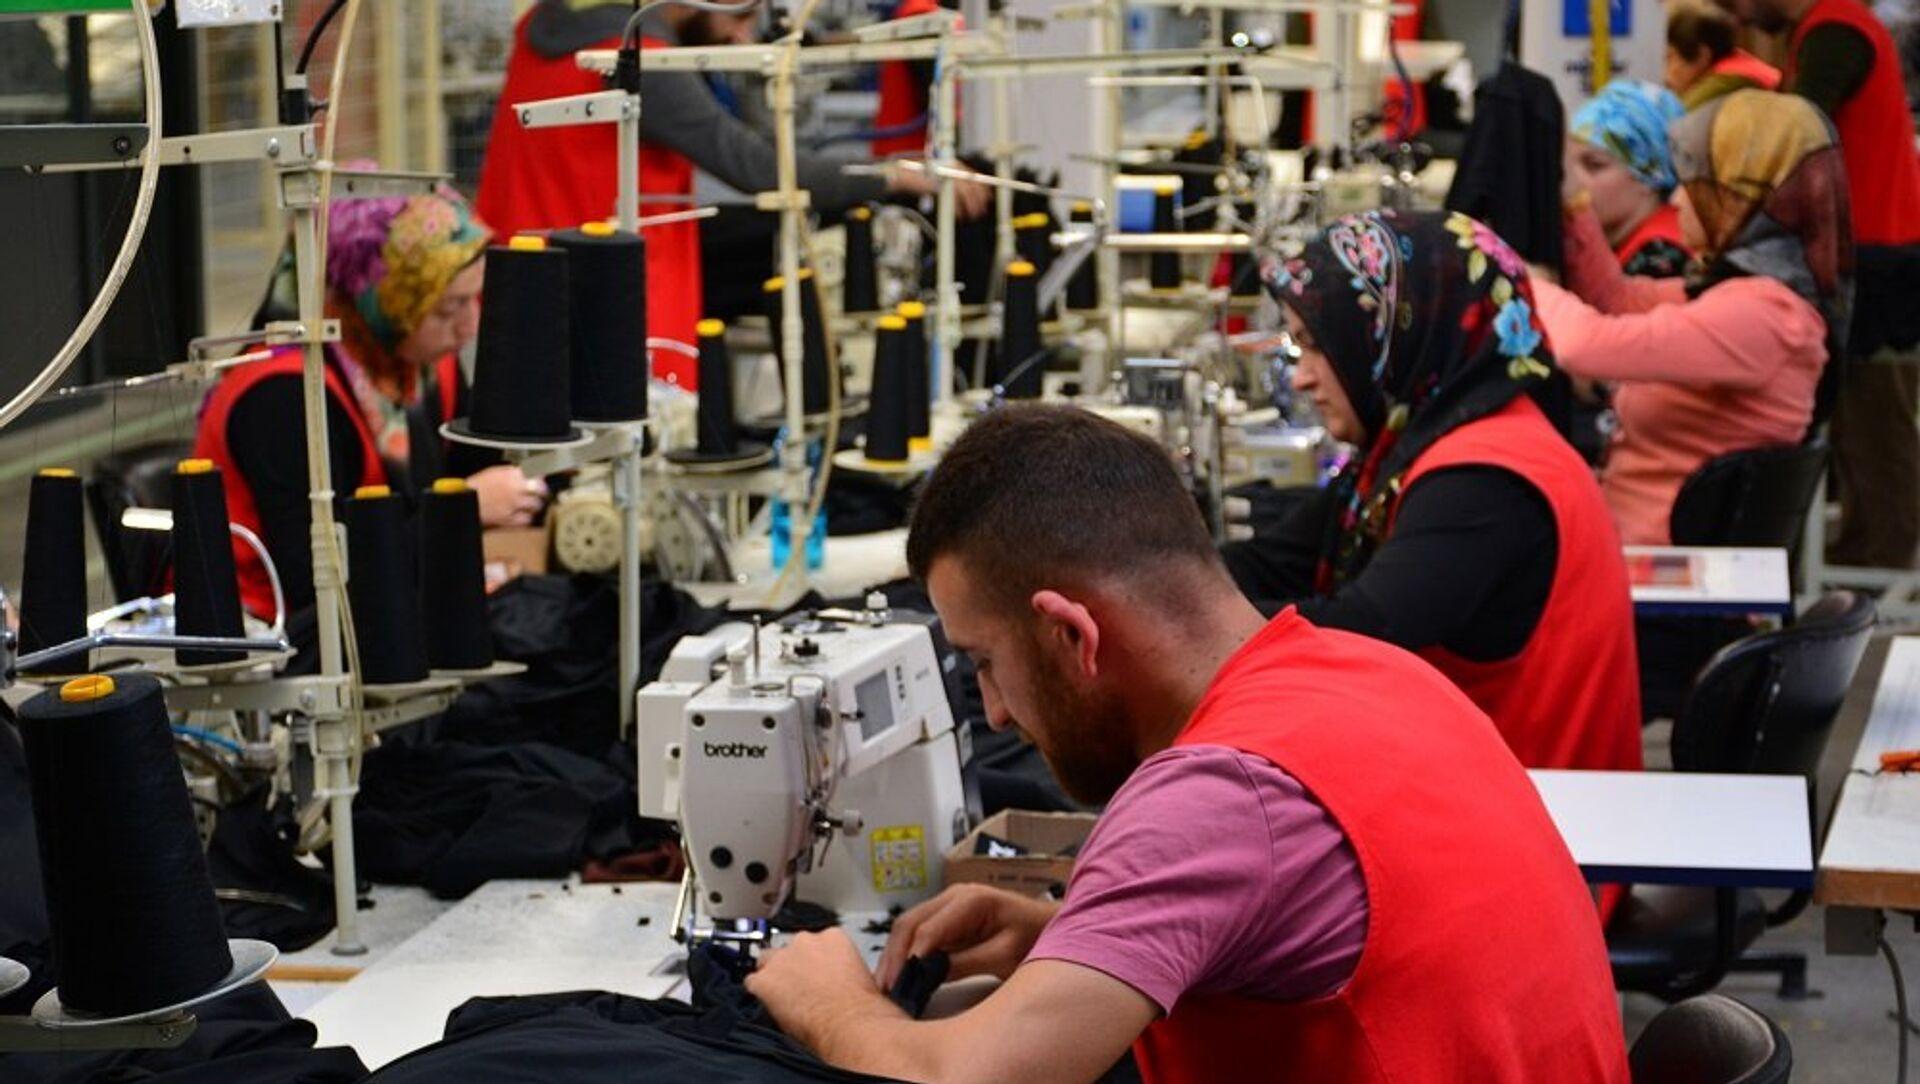 tekstil, işçi, konfeksiyon - Sputnik Türkiye, 1920, 28.07.2021